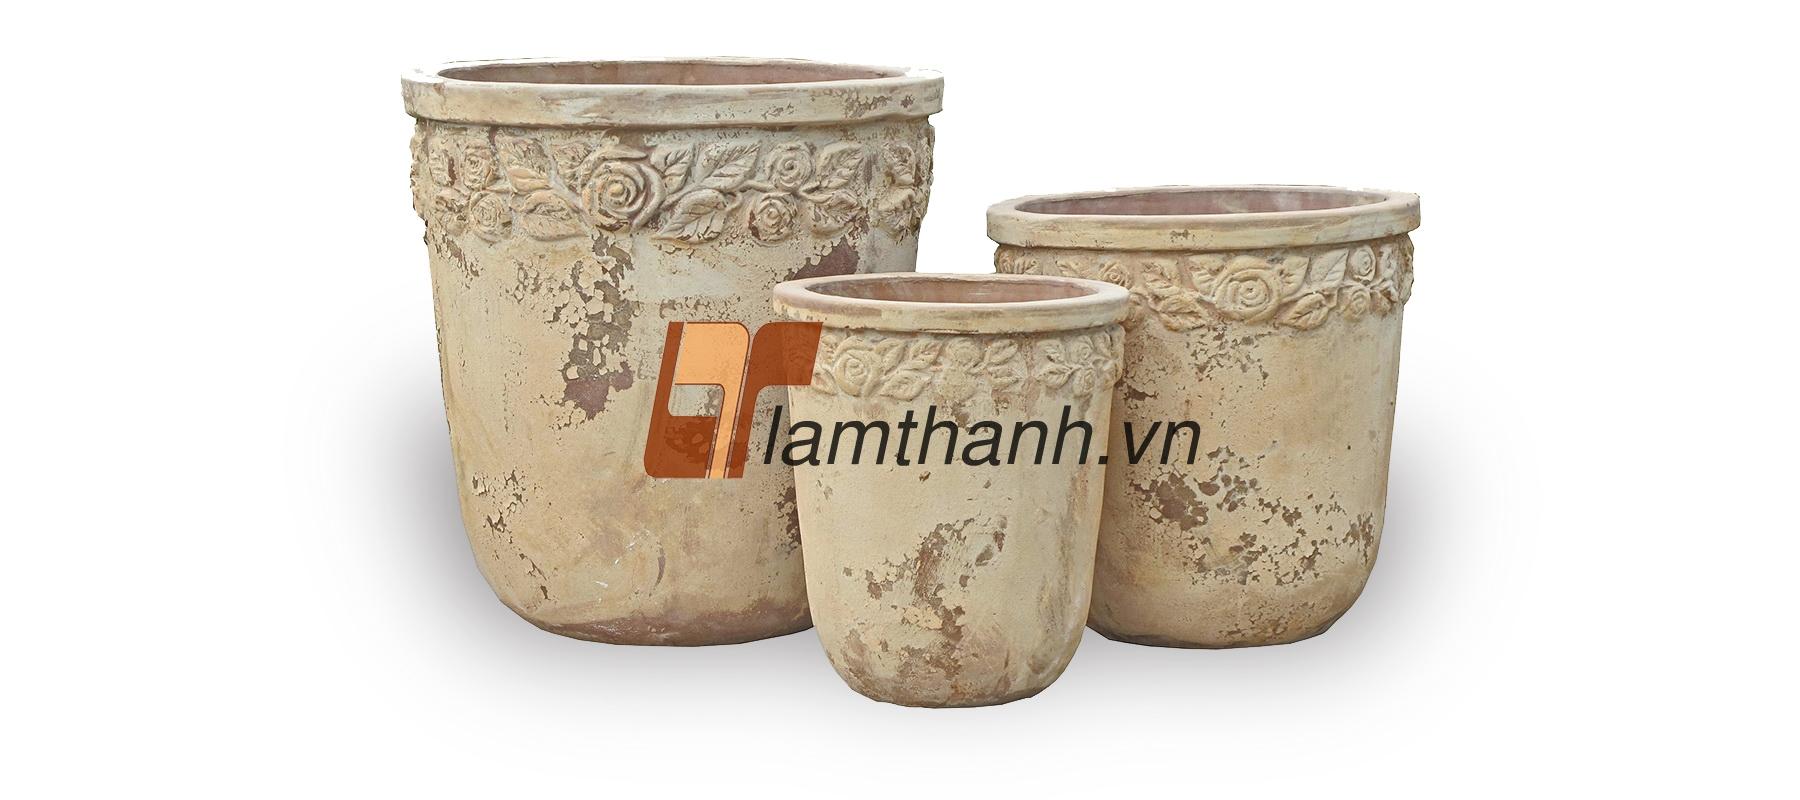 vietnam terracotta vietnam pottery04